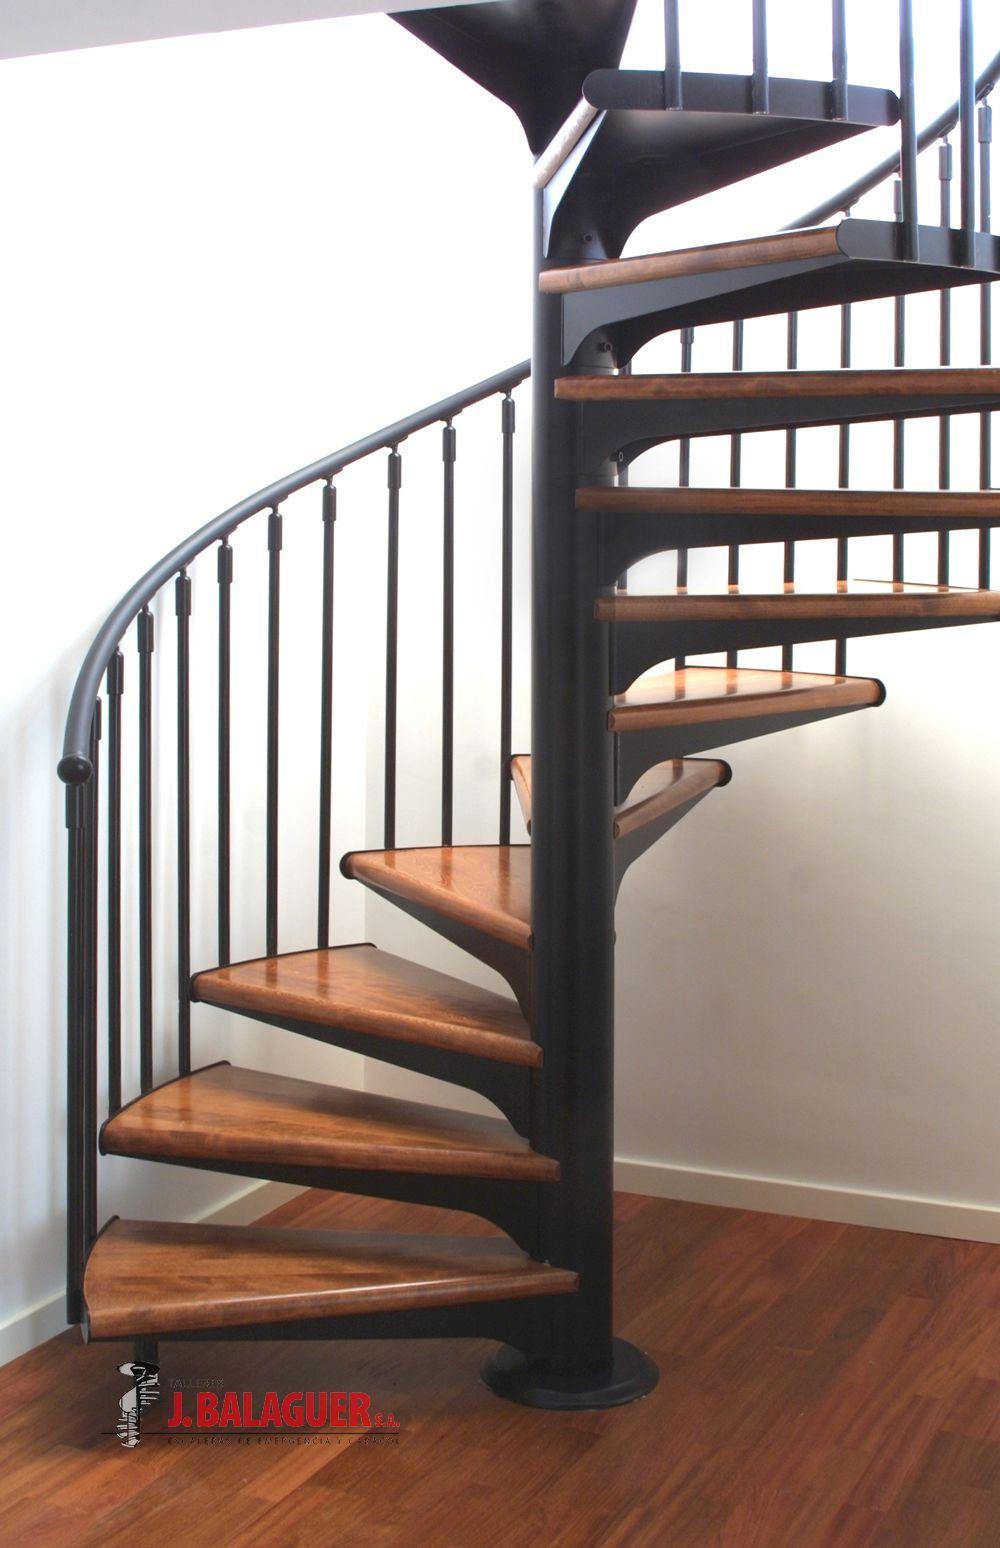 spiraal trappen met houten treden model m1 - Escaleras De Caracol